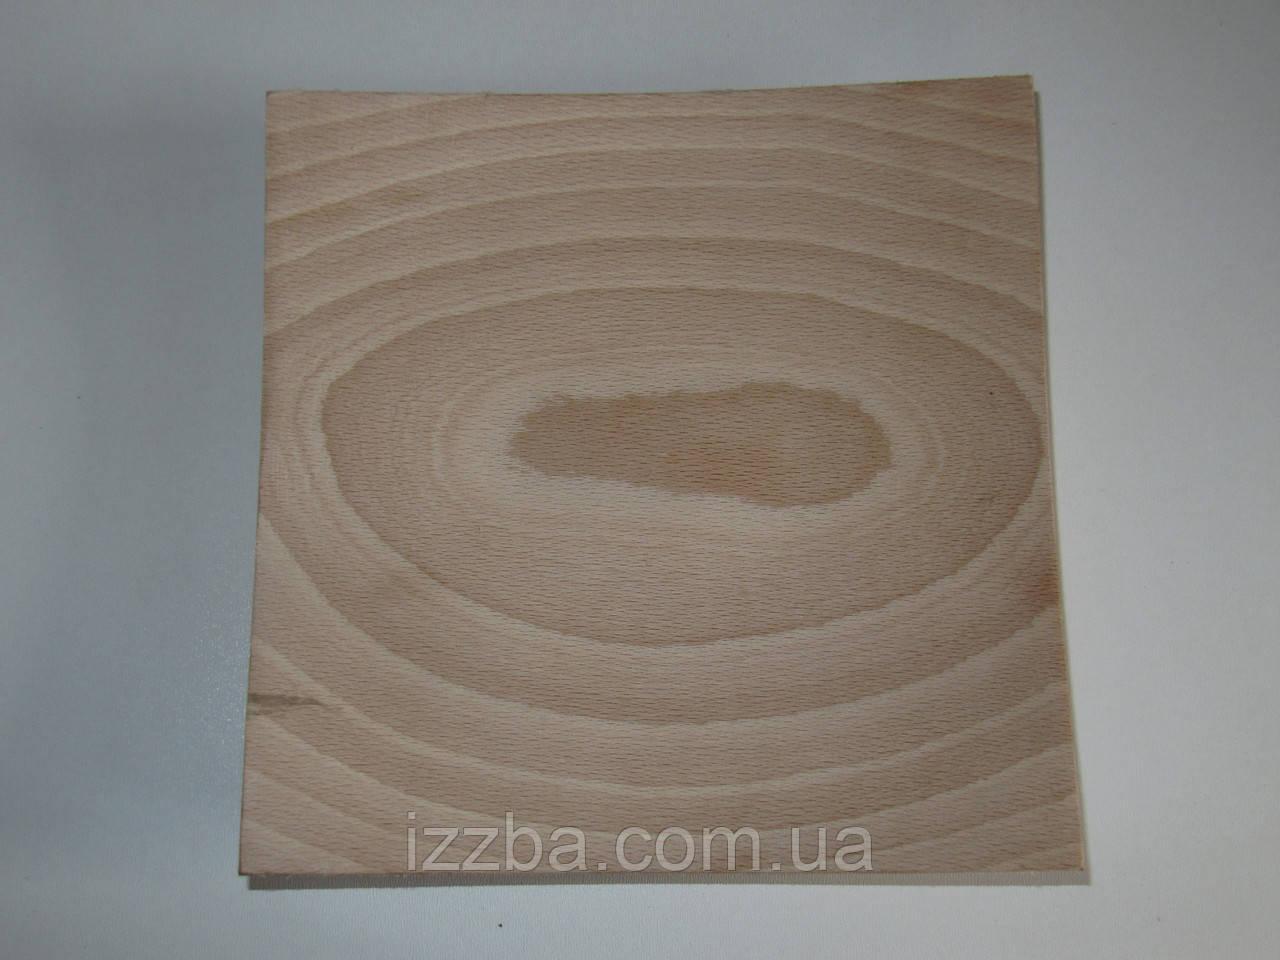 Деревянные тарелки, квадратные